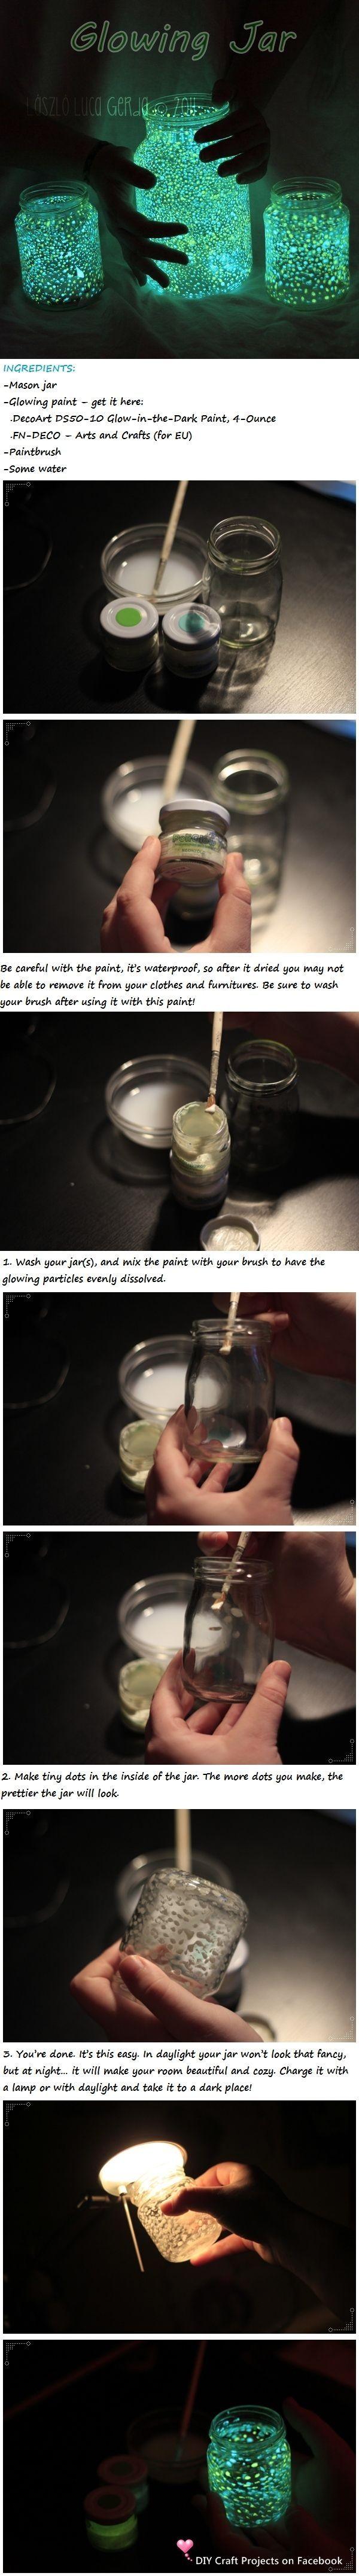 DIY Glowing Jar diy crafts craft ideas easy crafts diy ideas diy idea diy home…